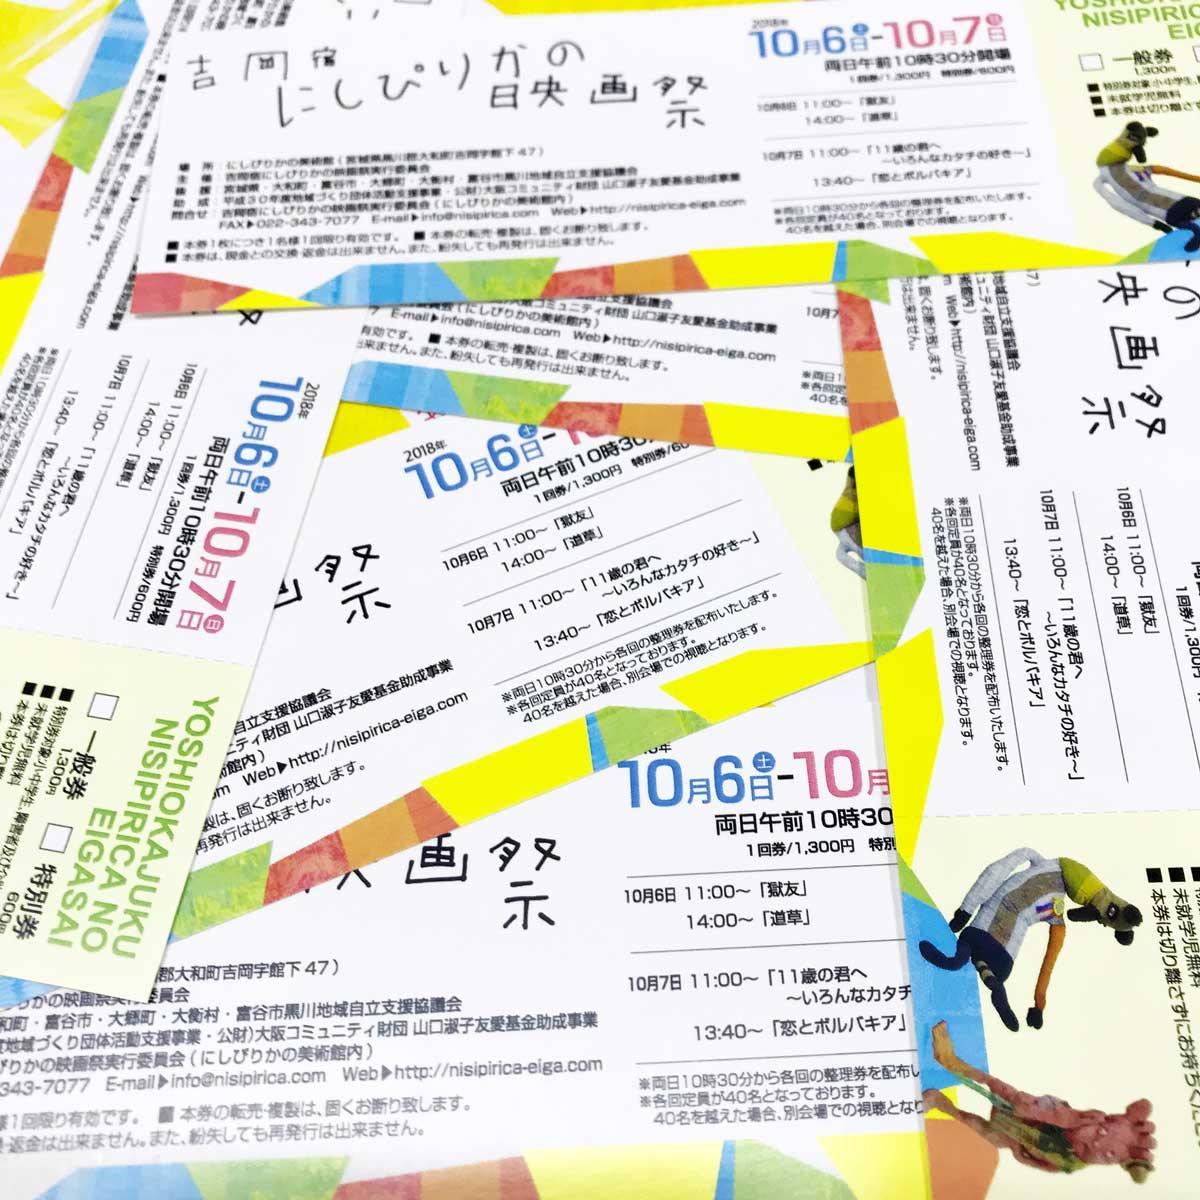 吉岡宿にしぴりかの映画祭チケット